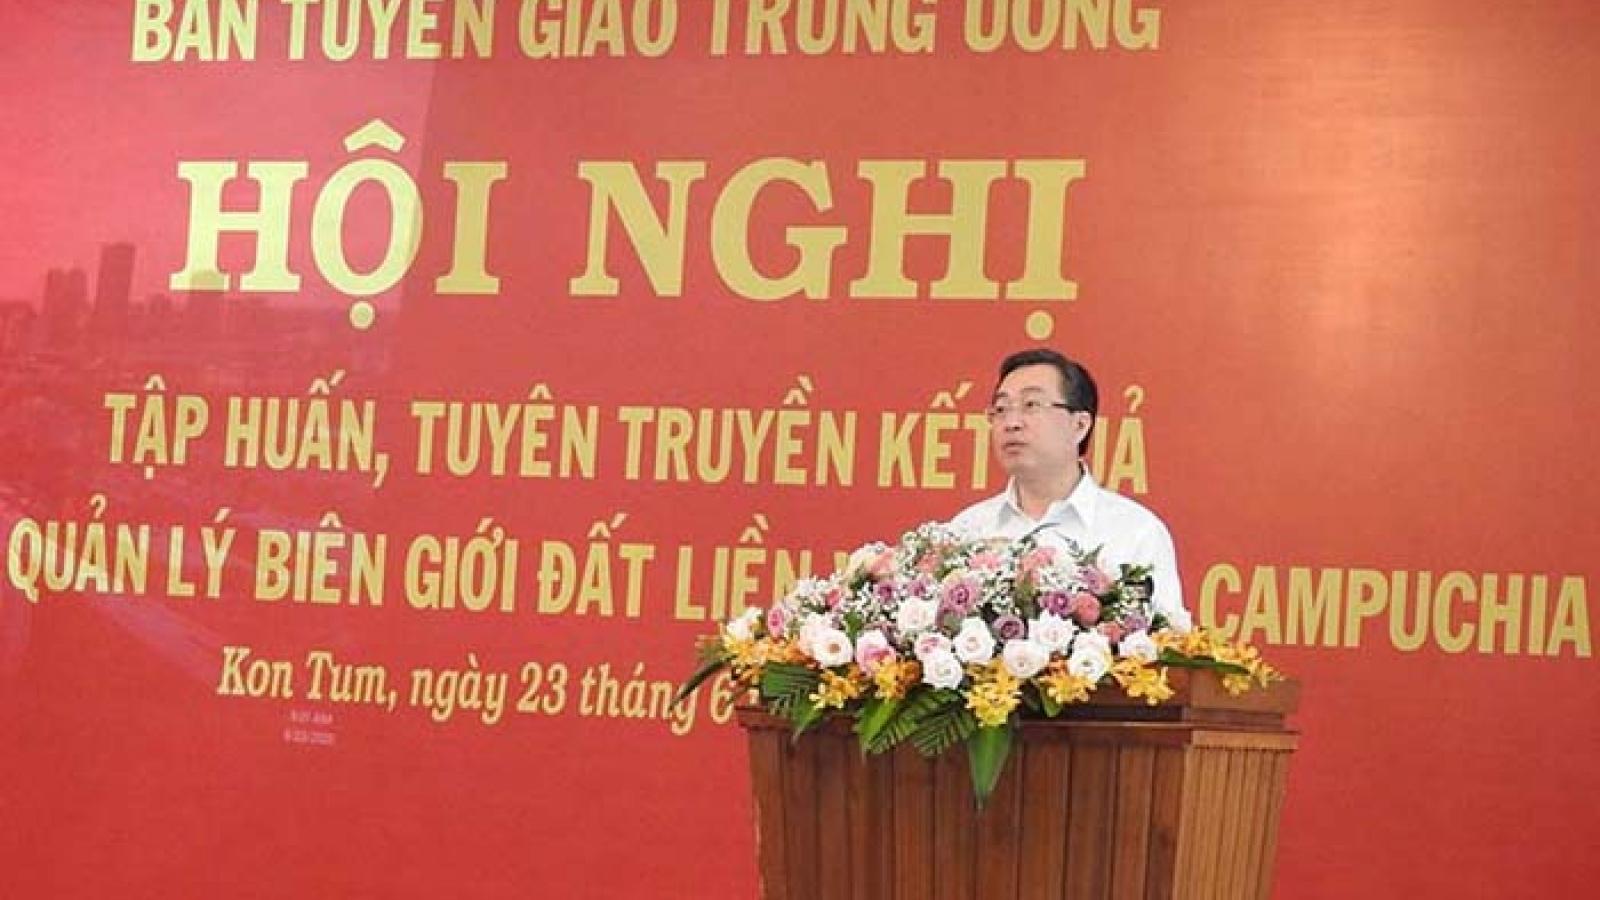 Tuyên truyền kết quả quản lý biên giới Việt Nam- Campuchia